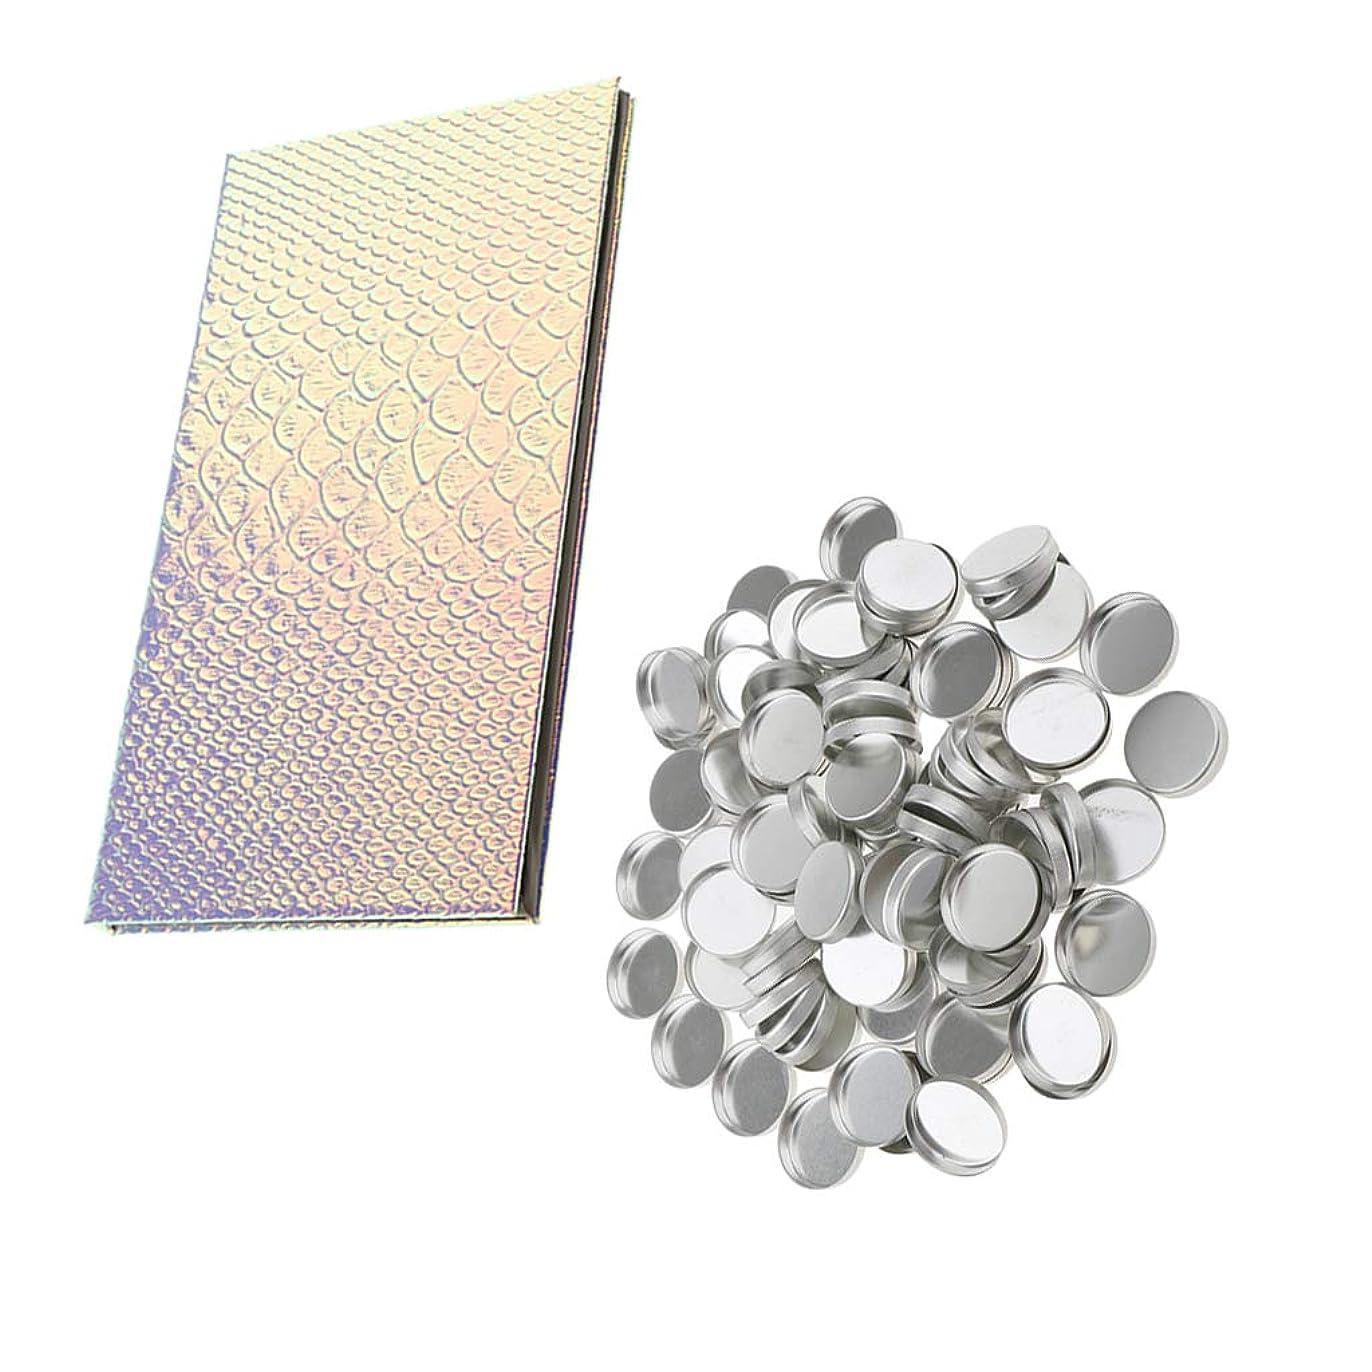 意気揚々優雅アジア磁気パレット1個 丸型ミニケース約100個入り コスメ収納 空パレット DIY アイシャドウ メイク オーガナイザーボックス ホルダー